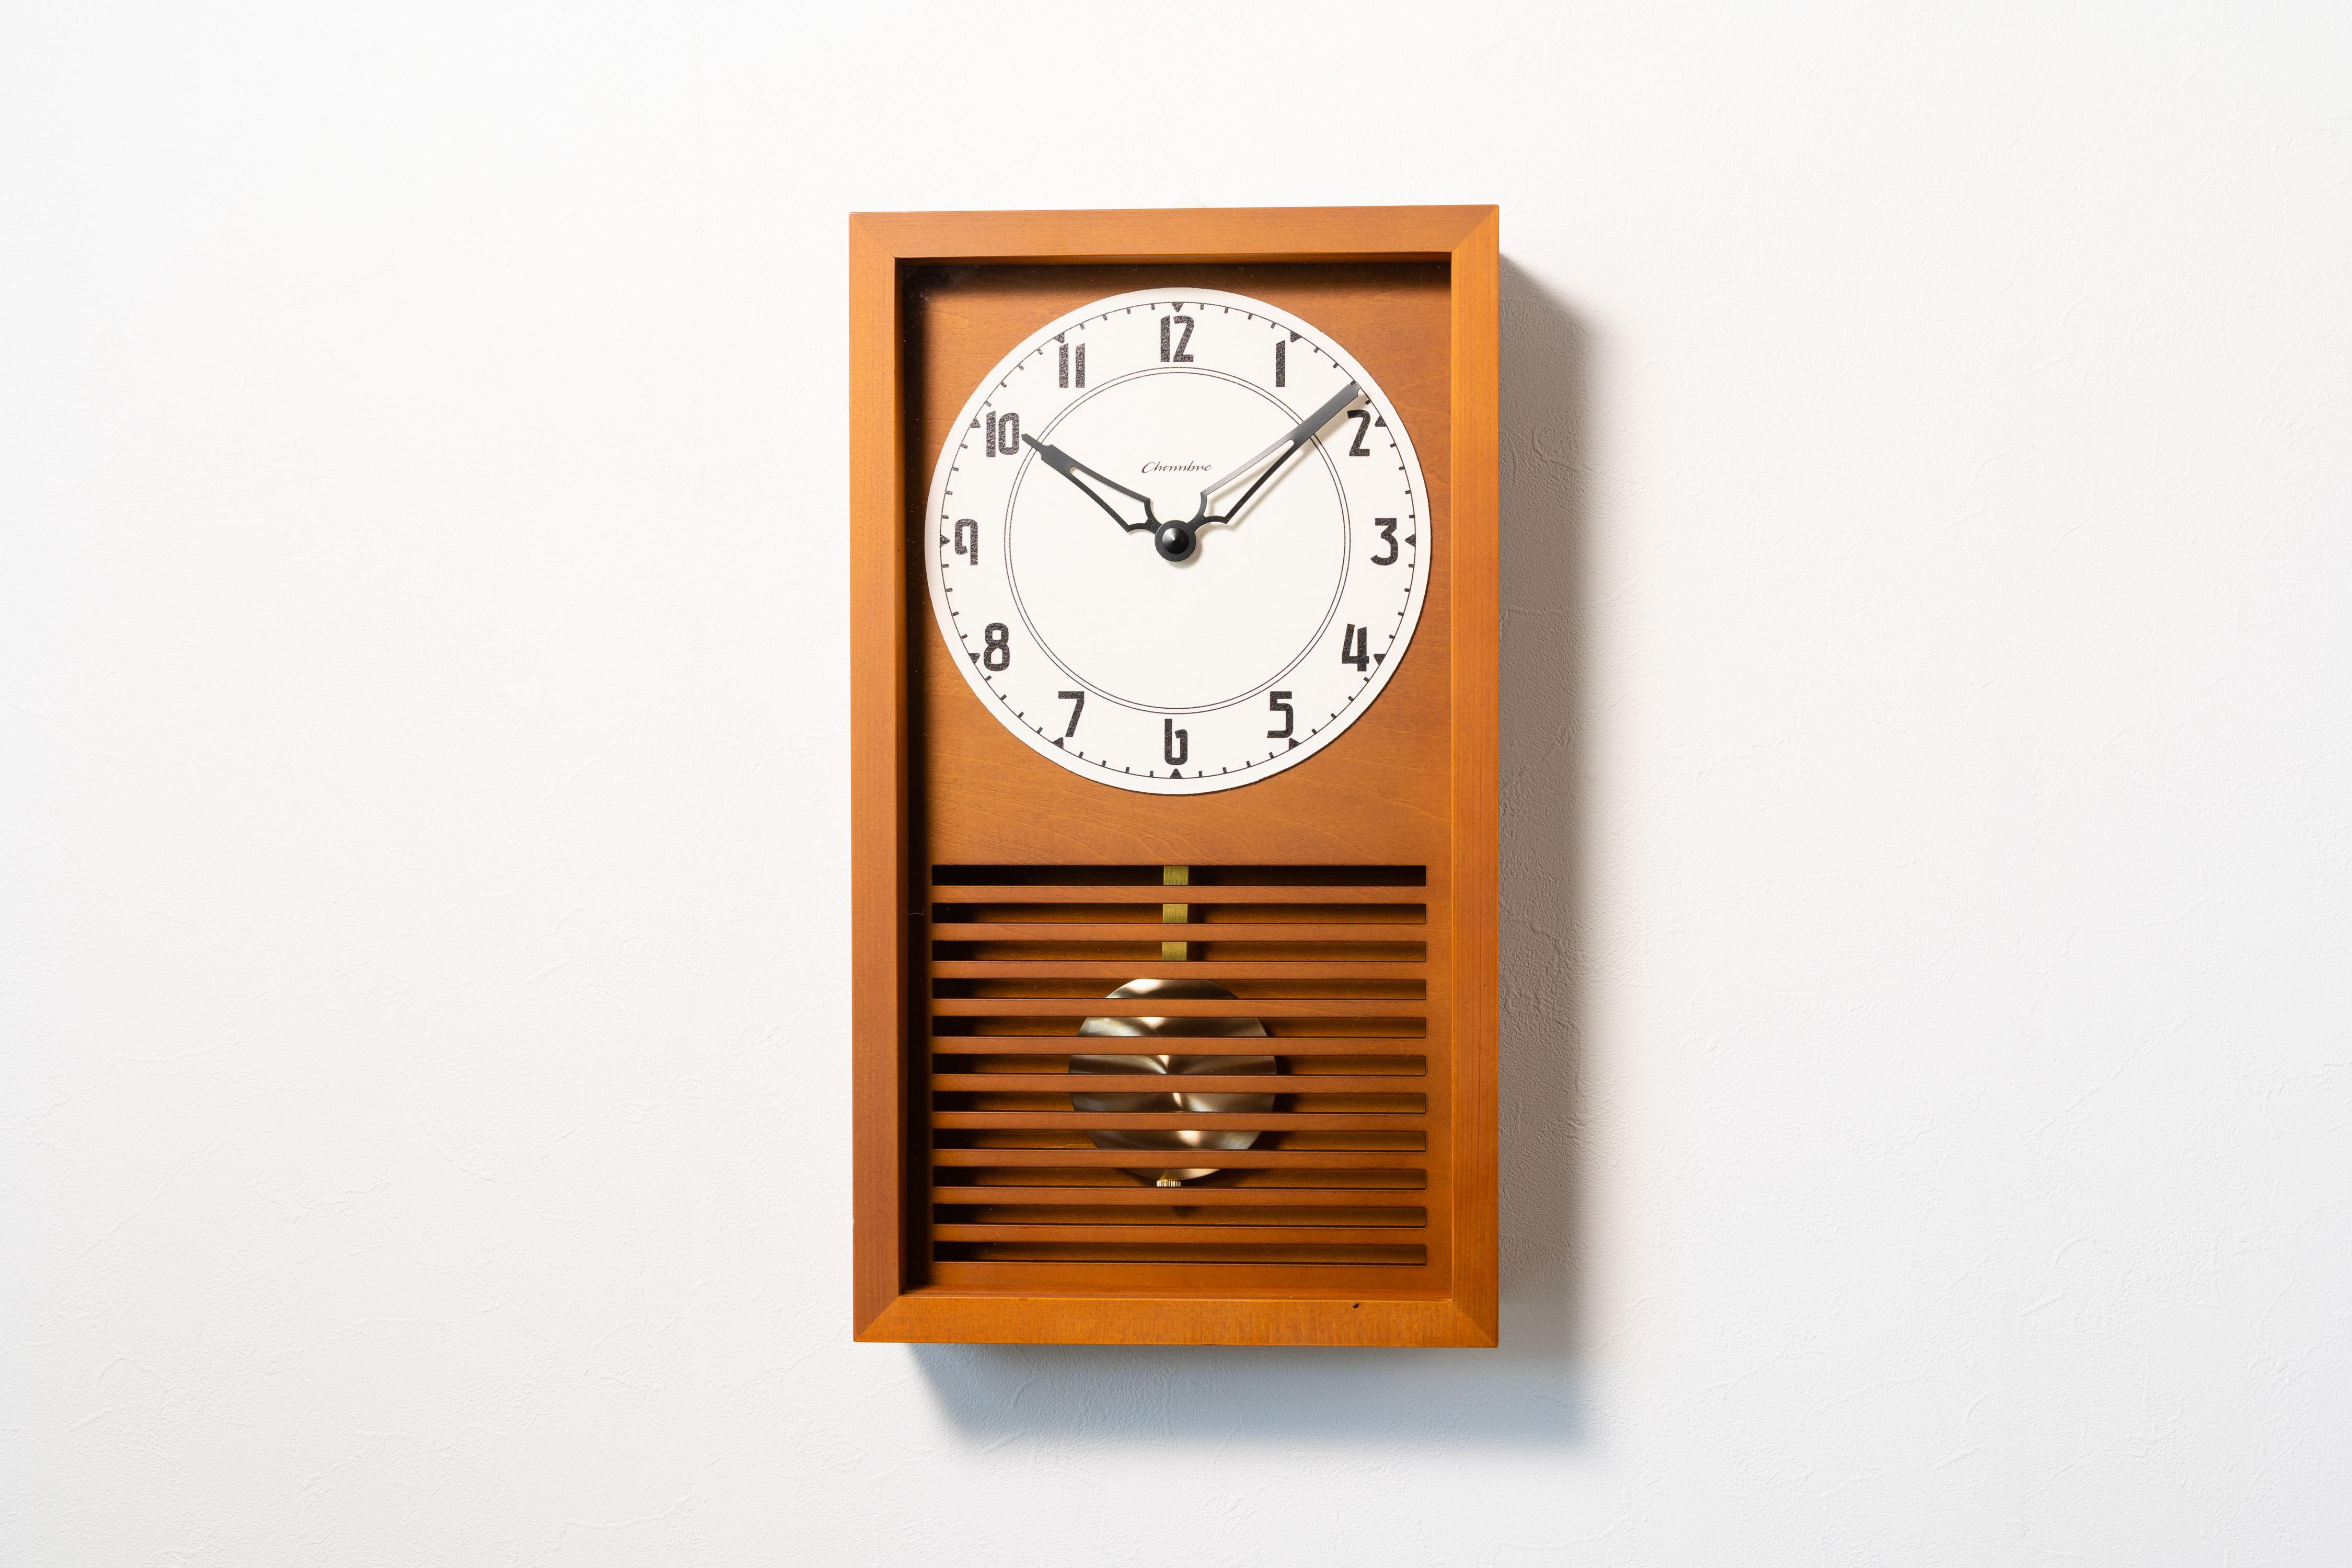 〈NEW〉振り子時計 LATTICE PENDULUM CLOCK 【CAFE BROWN】